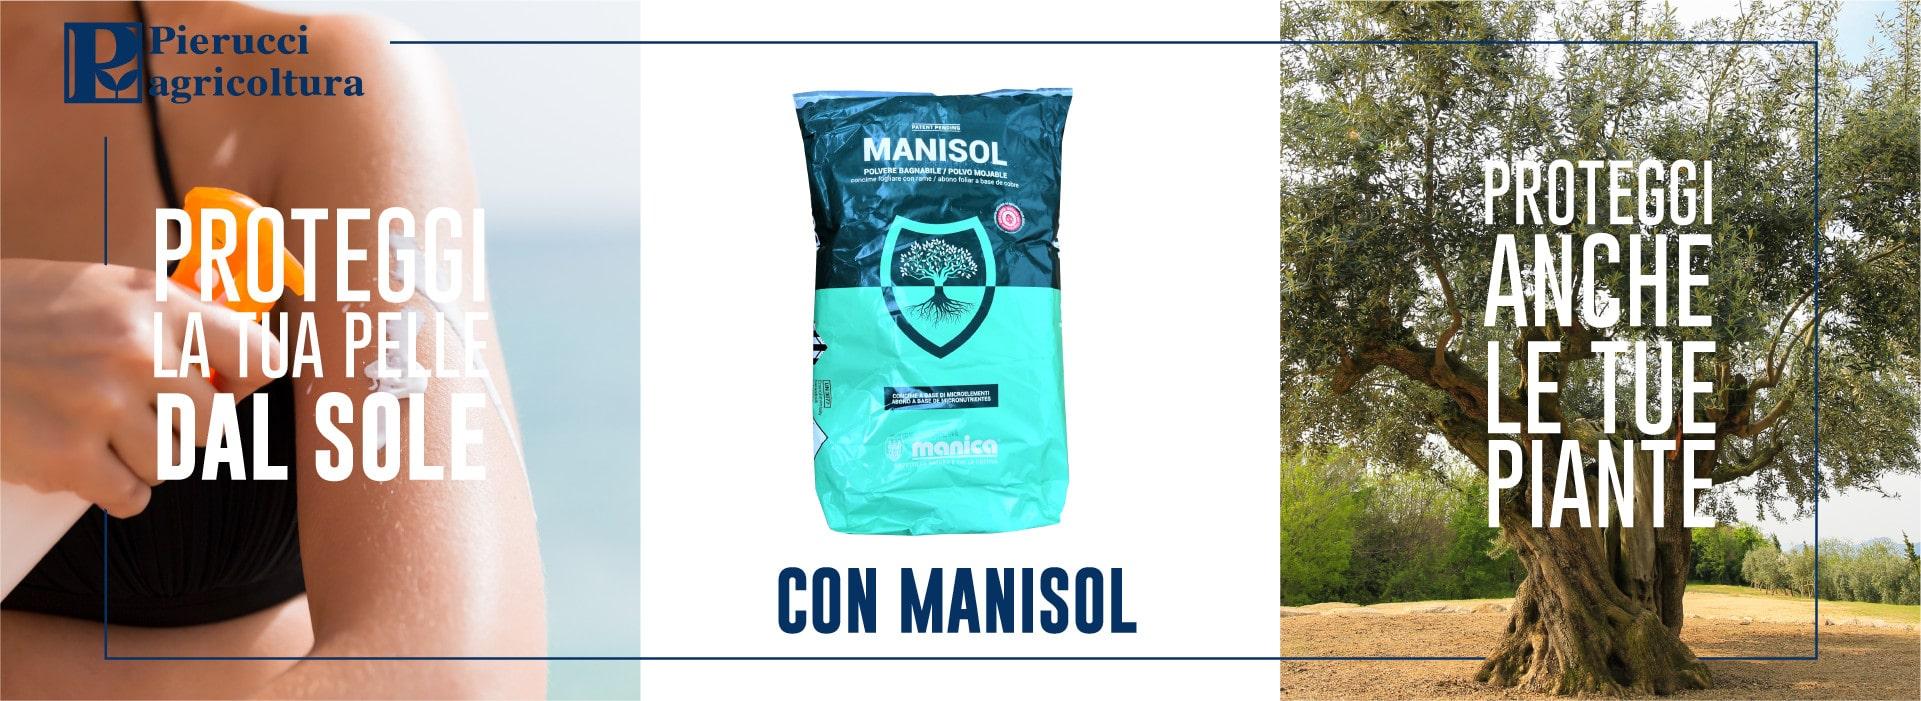 Concime fogliare con rame Manisol - Pierucci Agricoltura